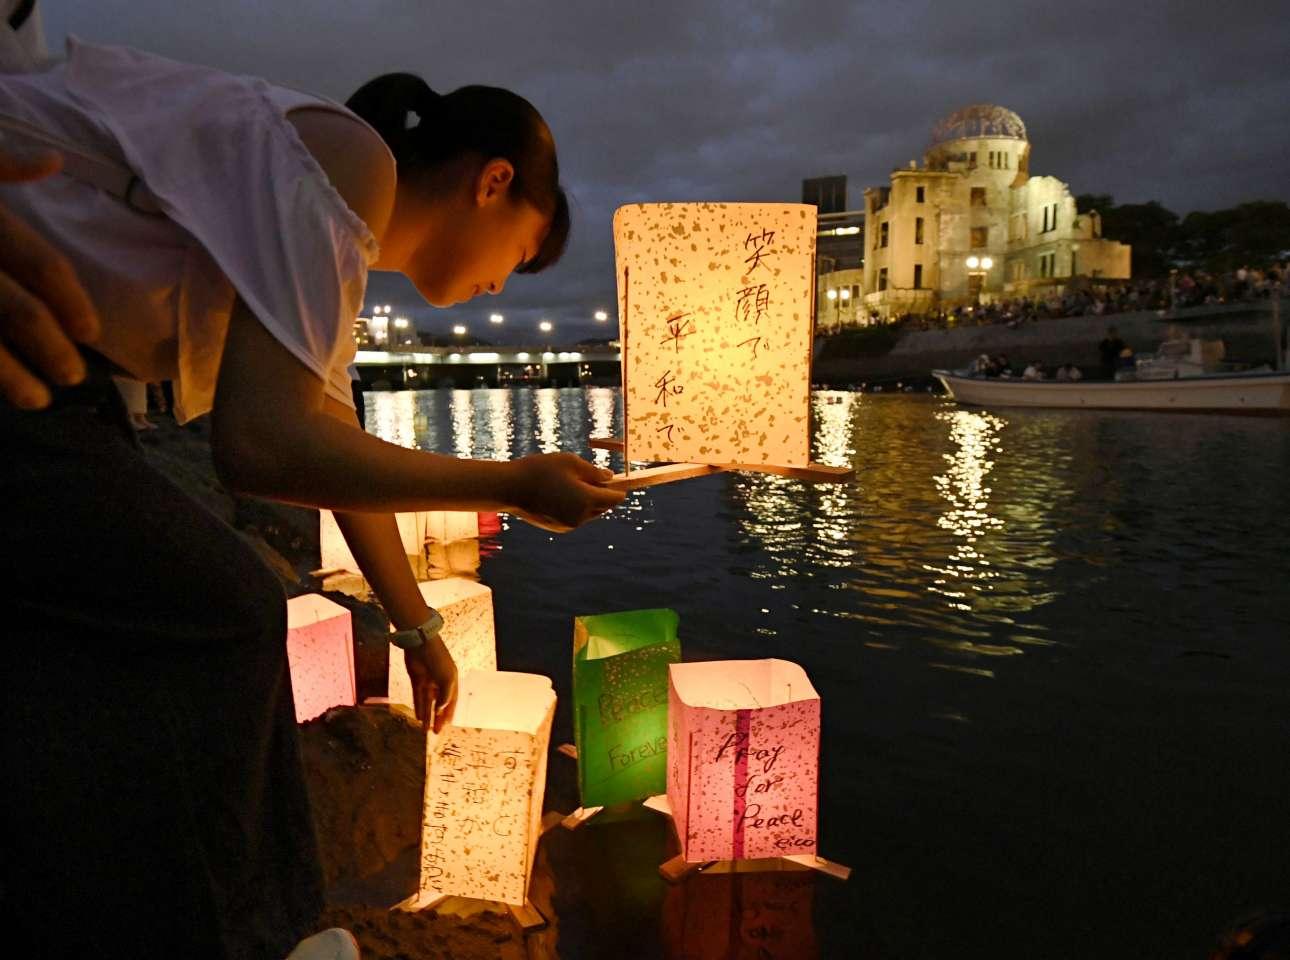 Μια κοπέλα αφήνει στο ποτάμι της Χιροσίμα χάρτινα φαναράκια στη μνήμη των θυμάτων της ατομικής βόμβας